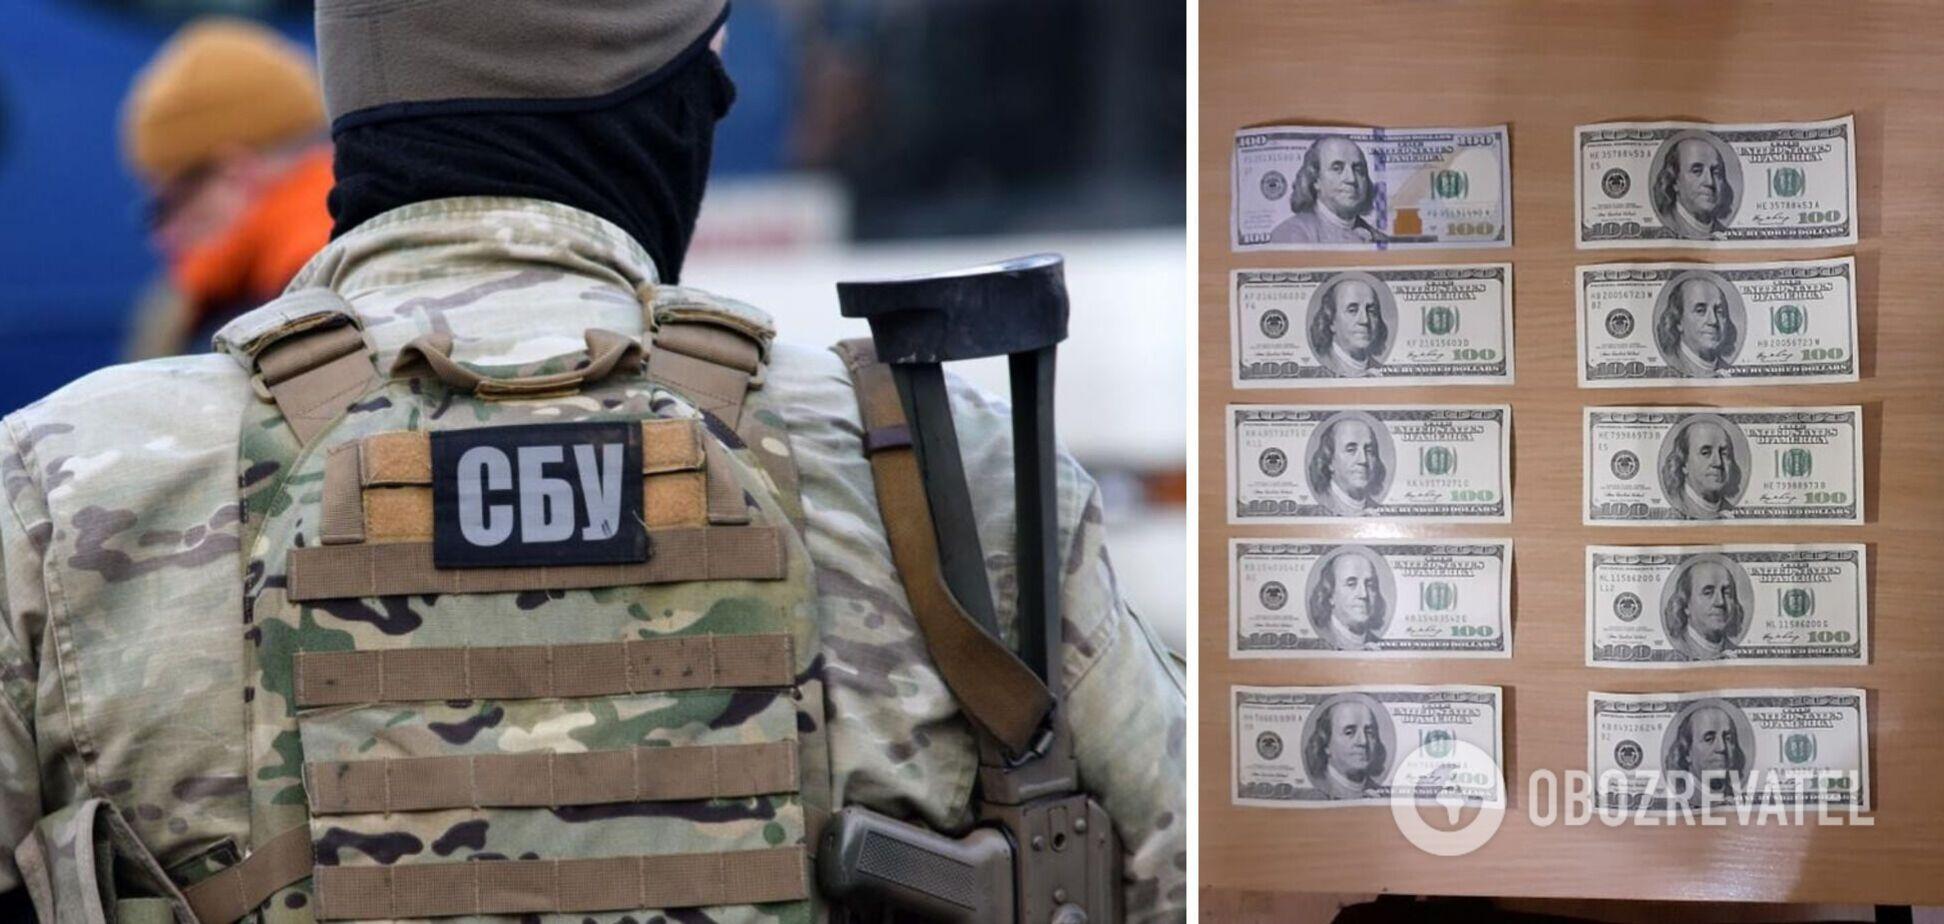 Агентов ФСБ, которые пытались подкупить военного ВСУ, взяли под стражу